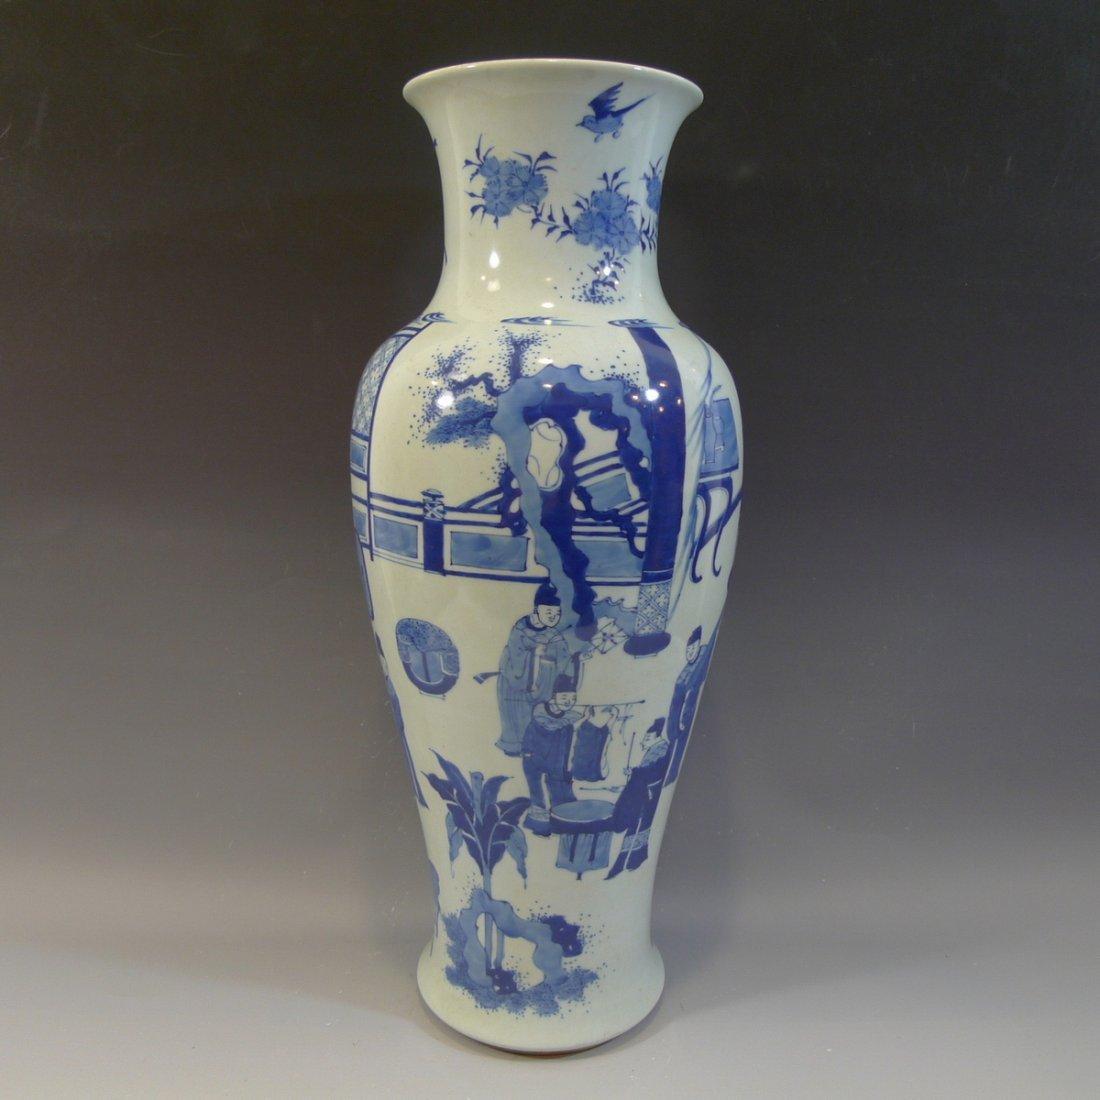 ANTIQUE CHINESE BLUE WHITE PORCELAIN VASE - KANGXI MARK - 2